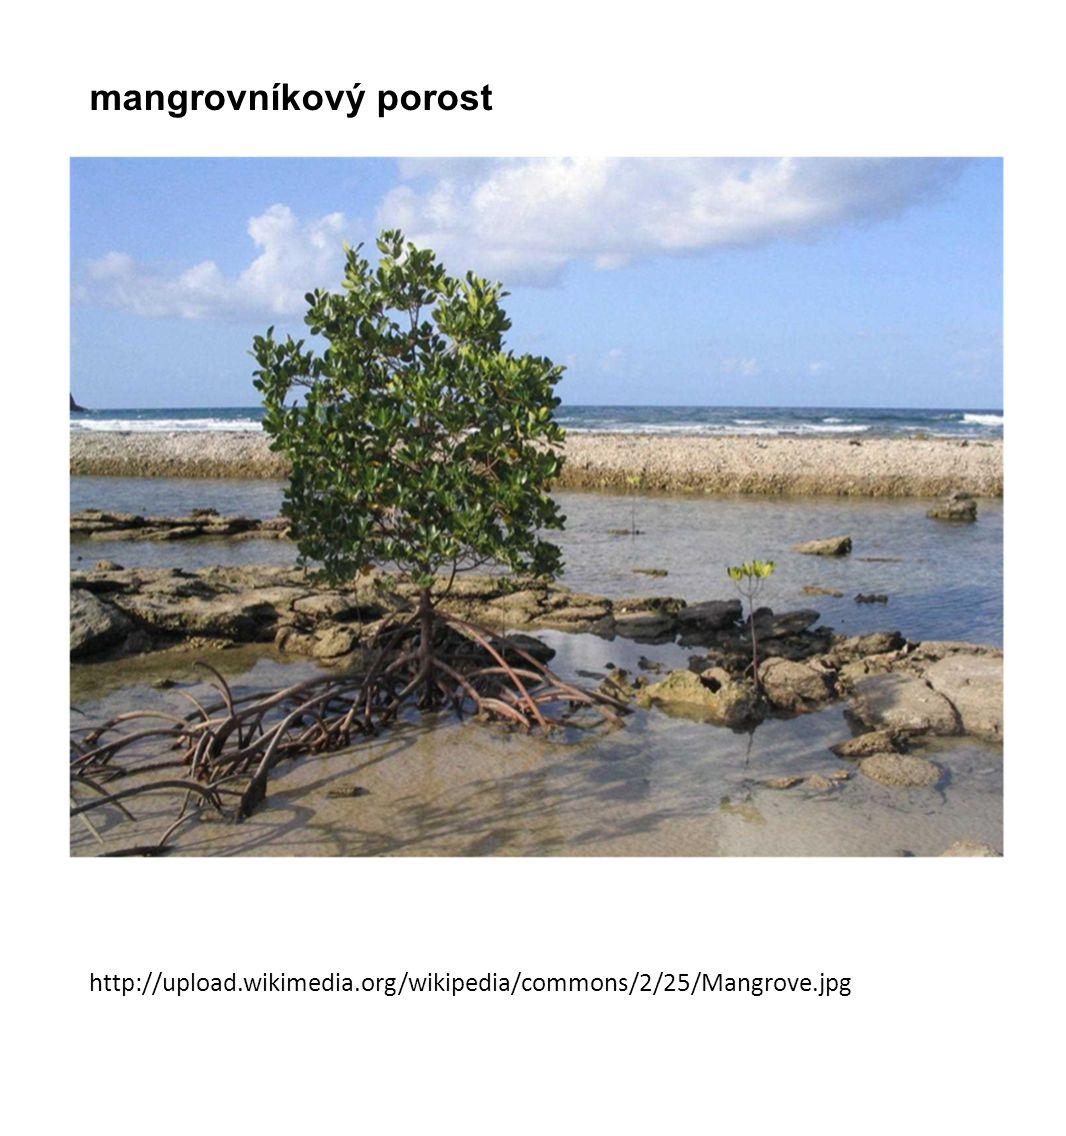 http://upload.wikimedia.org/wikipedia/commons/2/25/Mangrove.jpg mangrovníkový porost